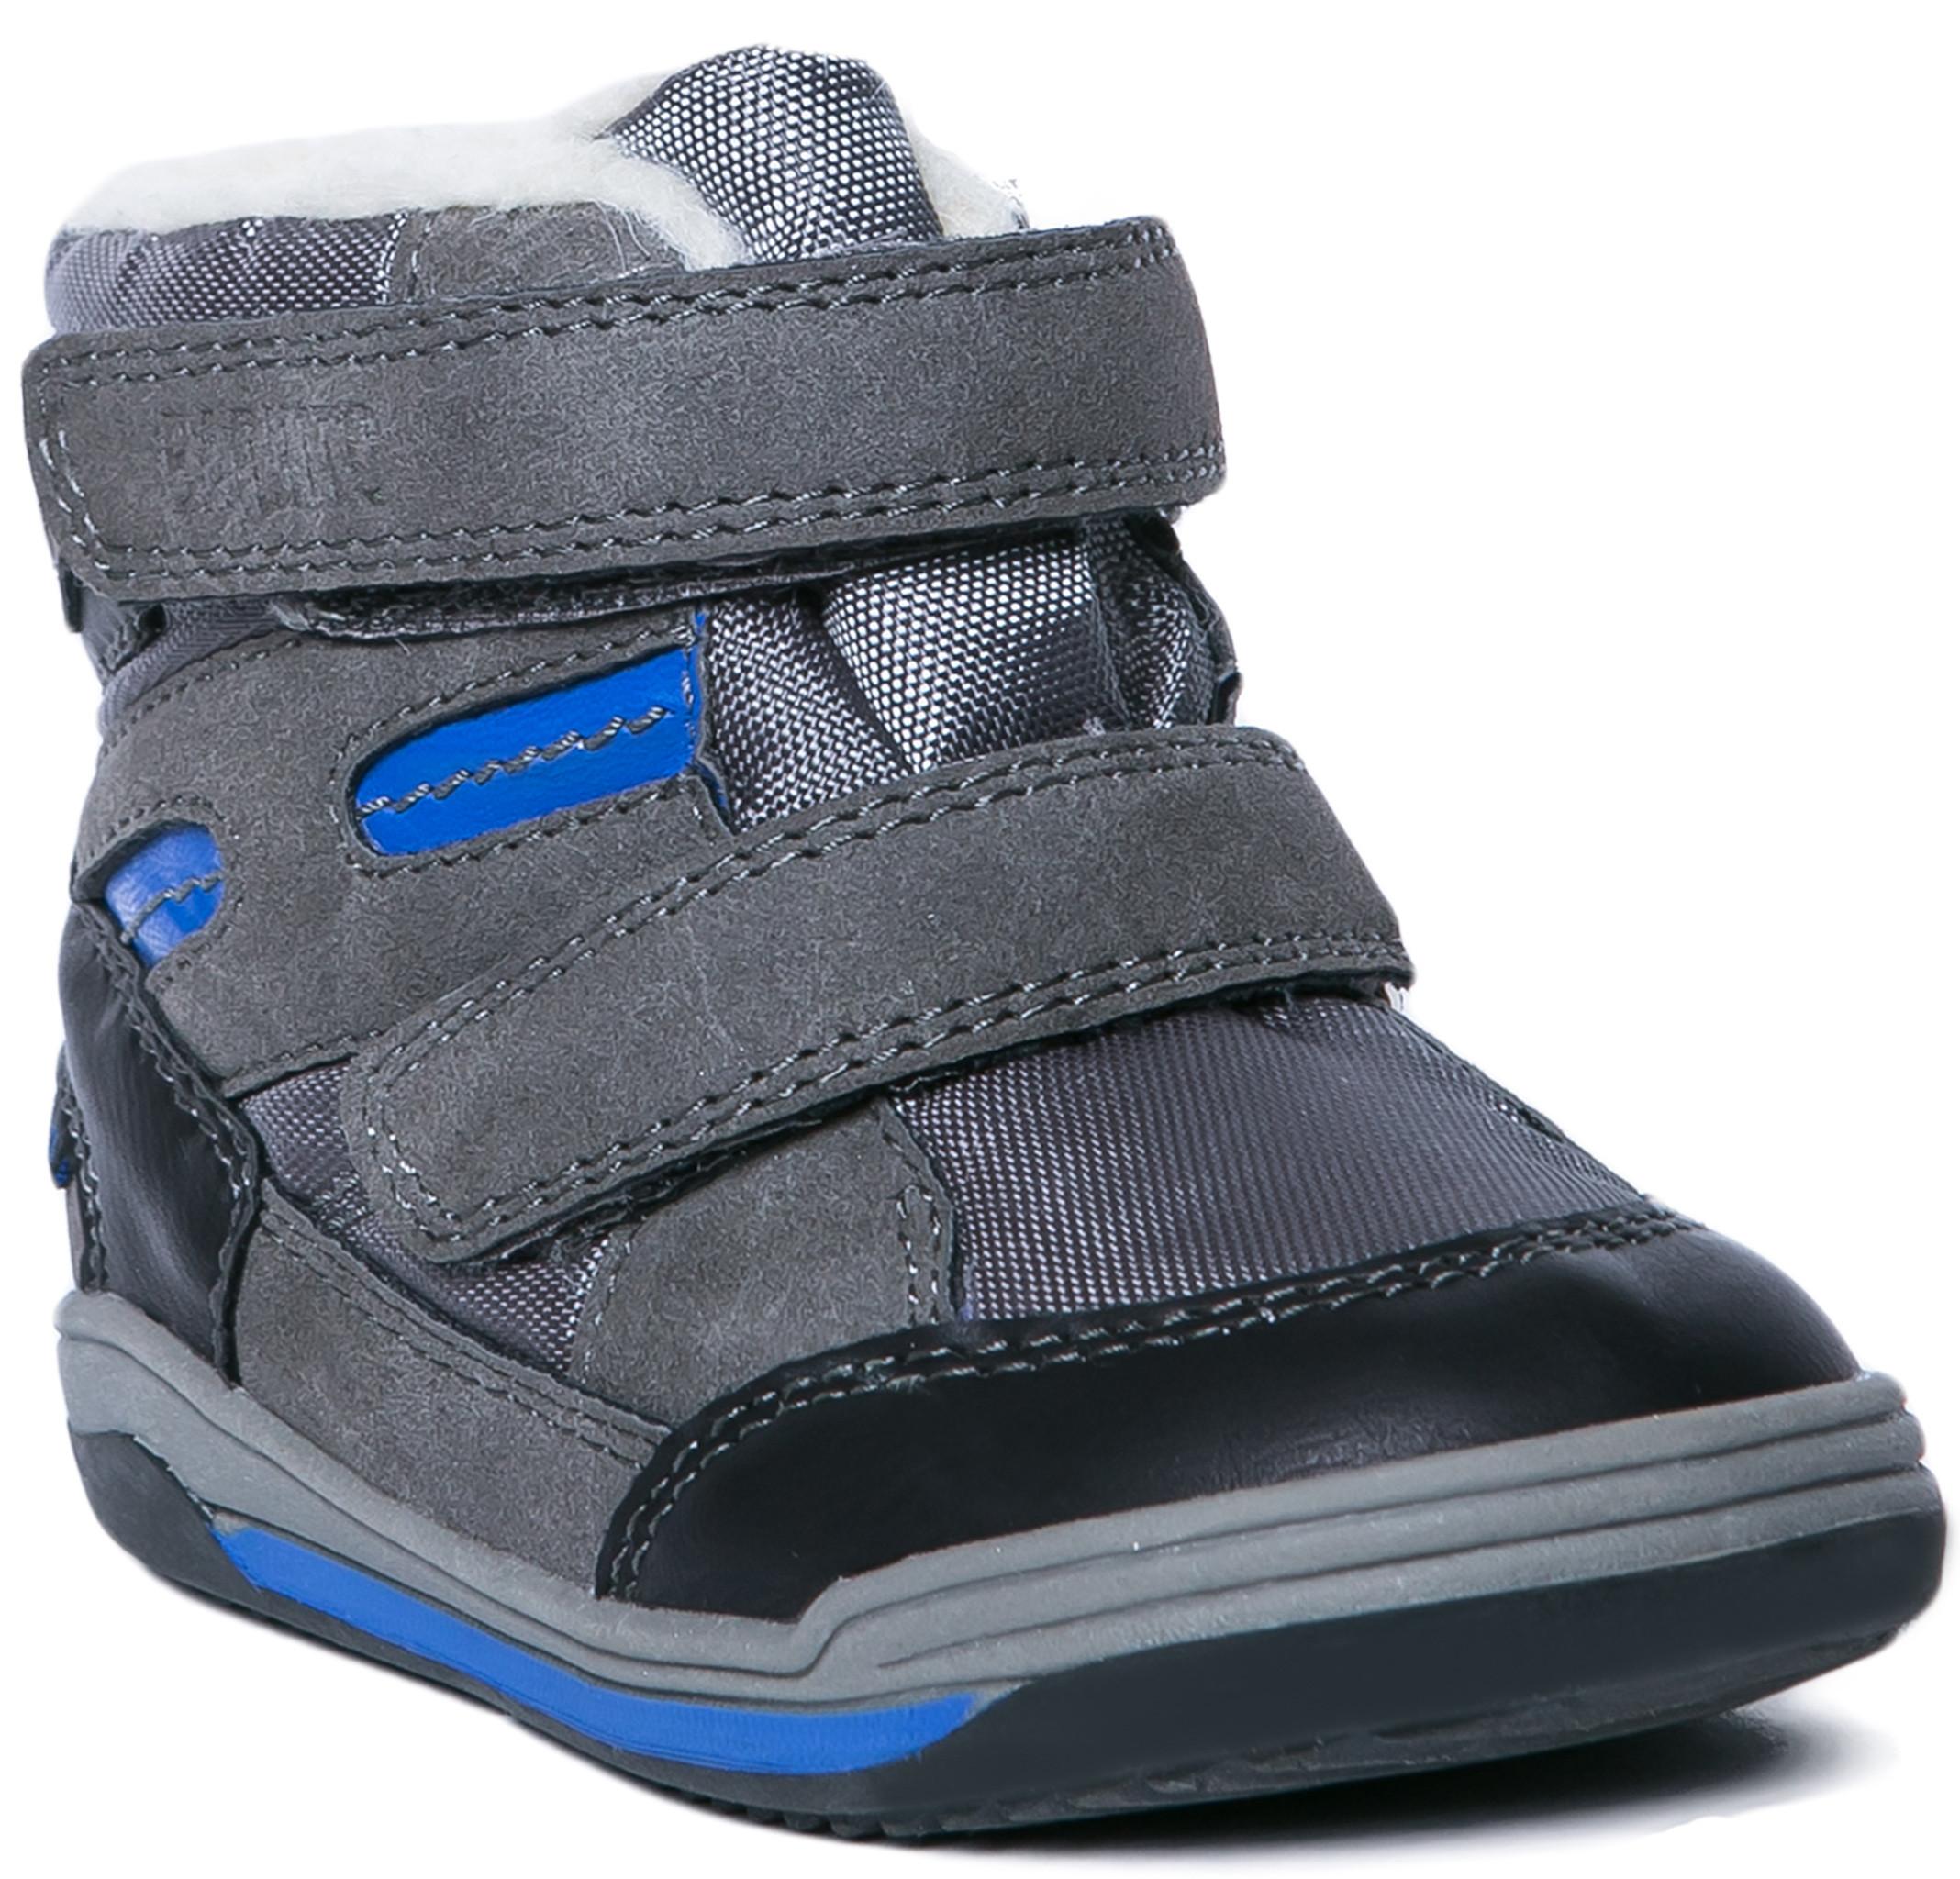 Ботинки зимние Barkito 366459 ботинки для мальчика barkito krw18202